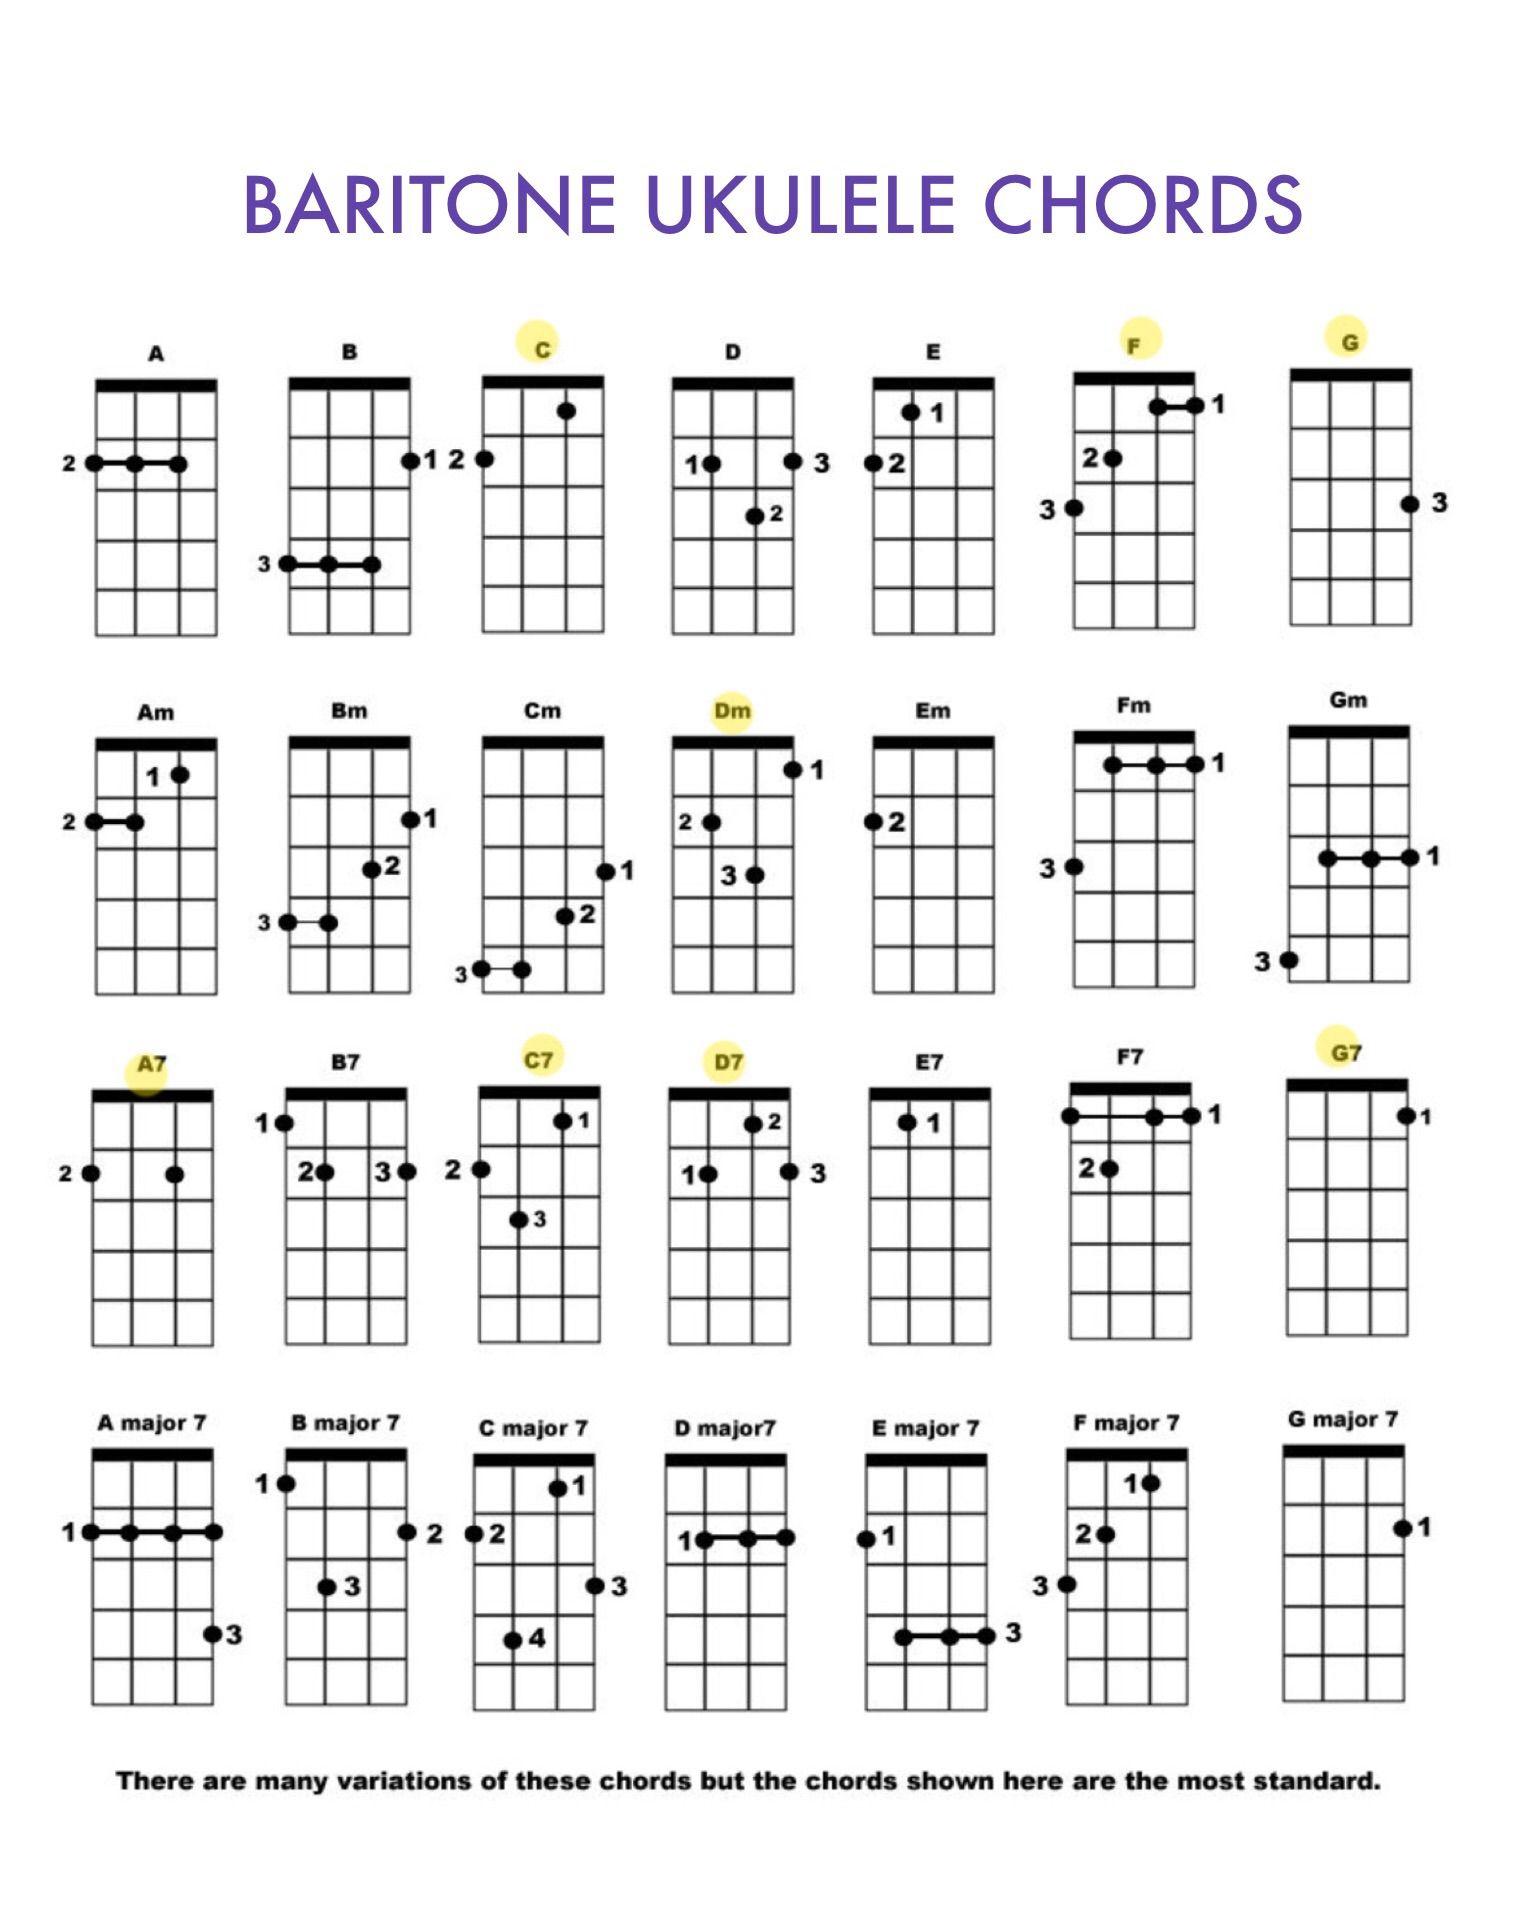 Baritone Ukulele Chords Ukulele Pinterest Guitars Songs And